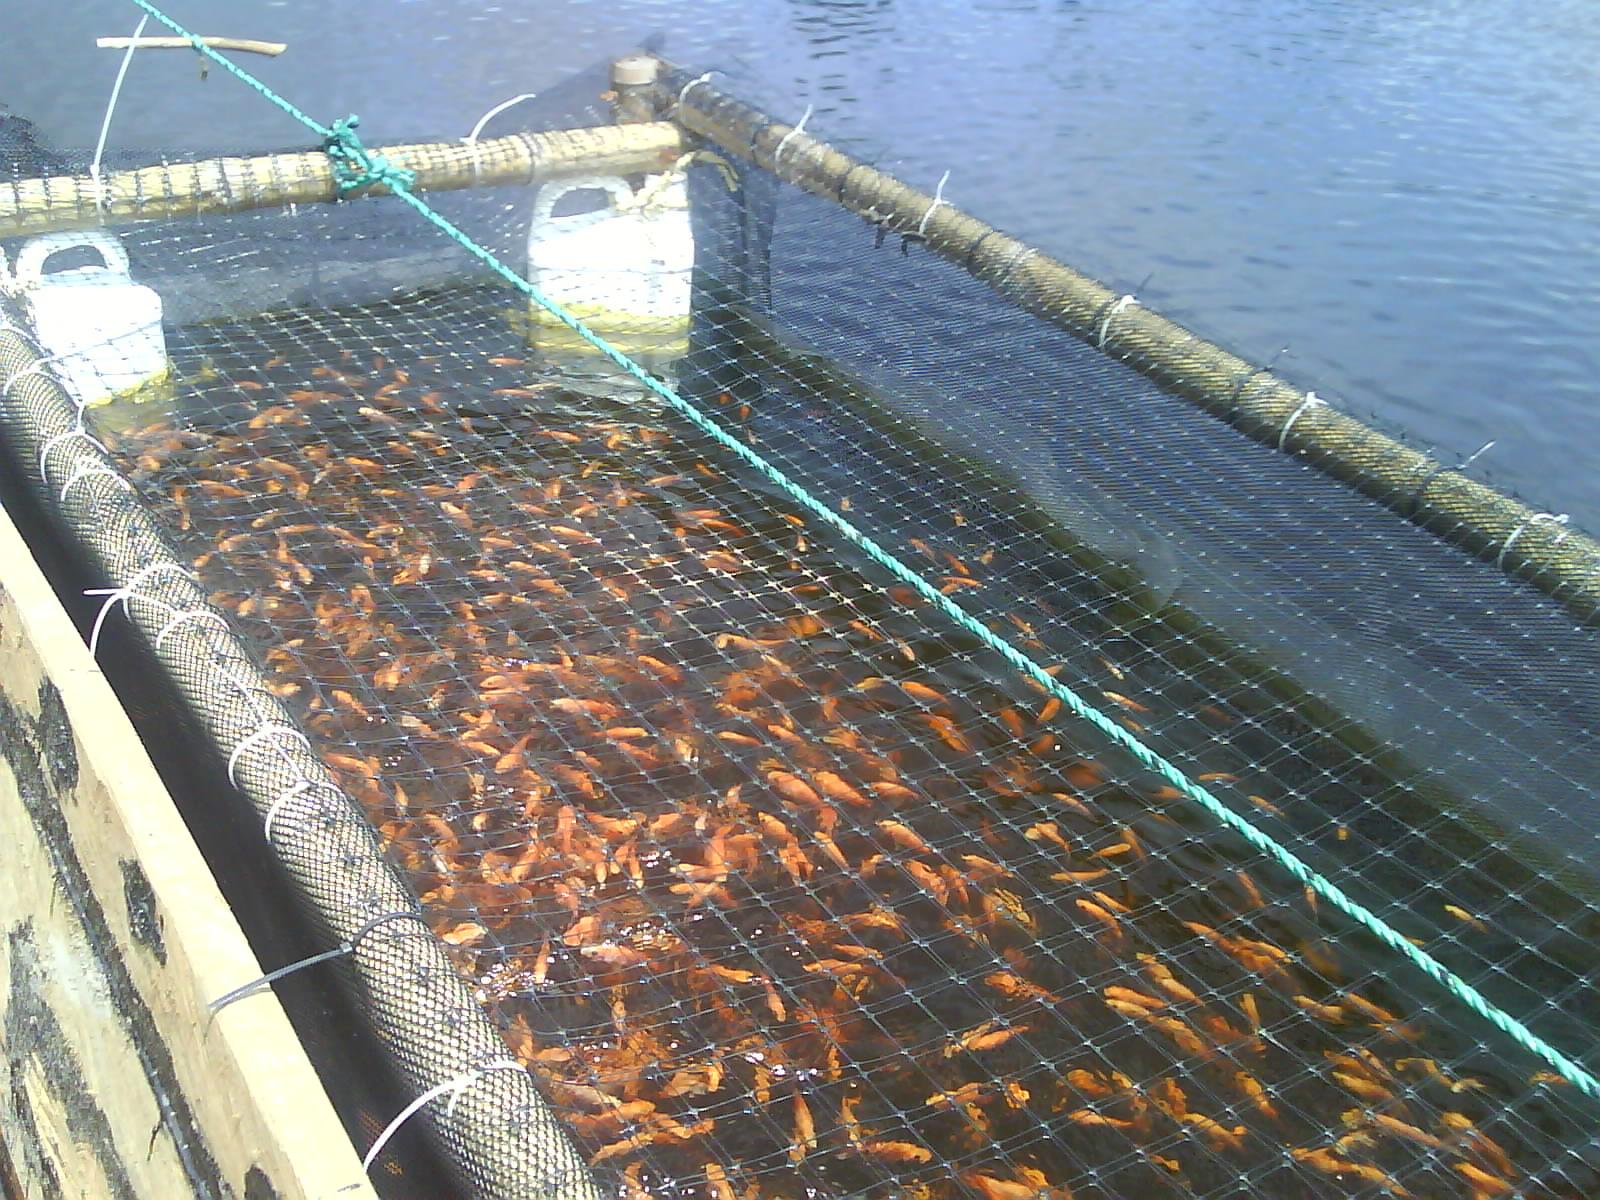 Cultivo de peces en jaulas flotantes con producci n de for Cria de mojarra roja en estanques